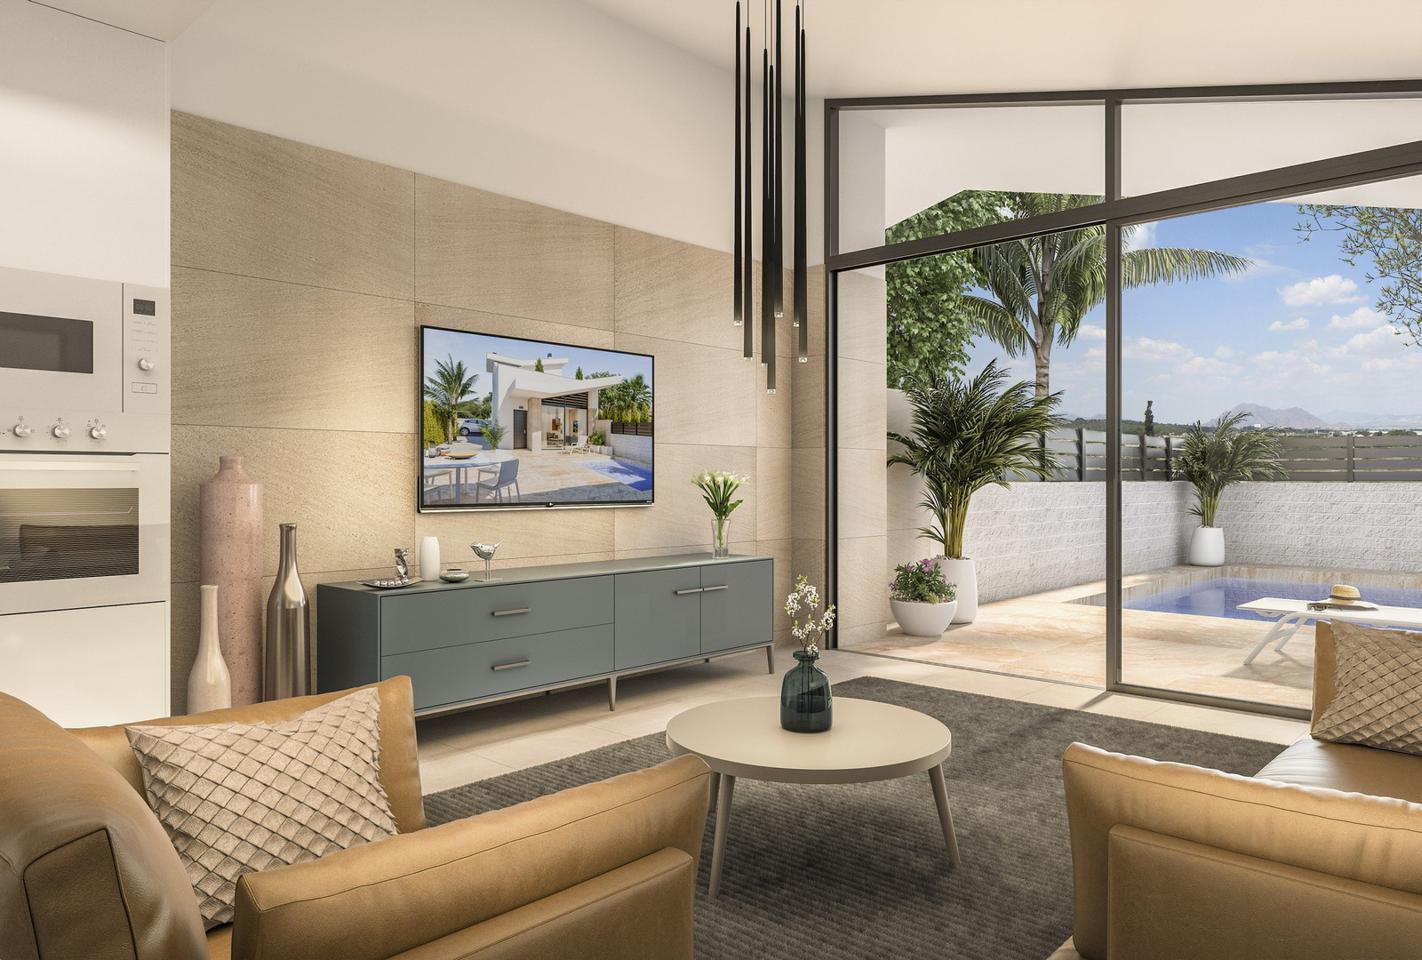 Villas pareadas de obra nueva con piscina opcional - imagenInmueble2